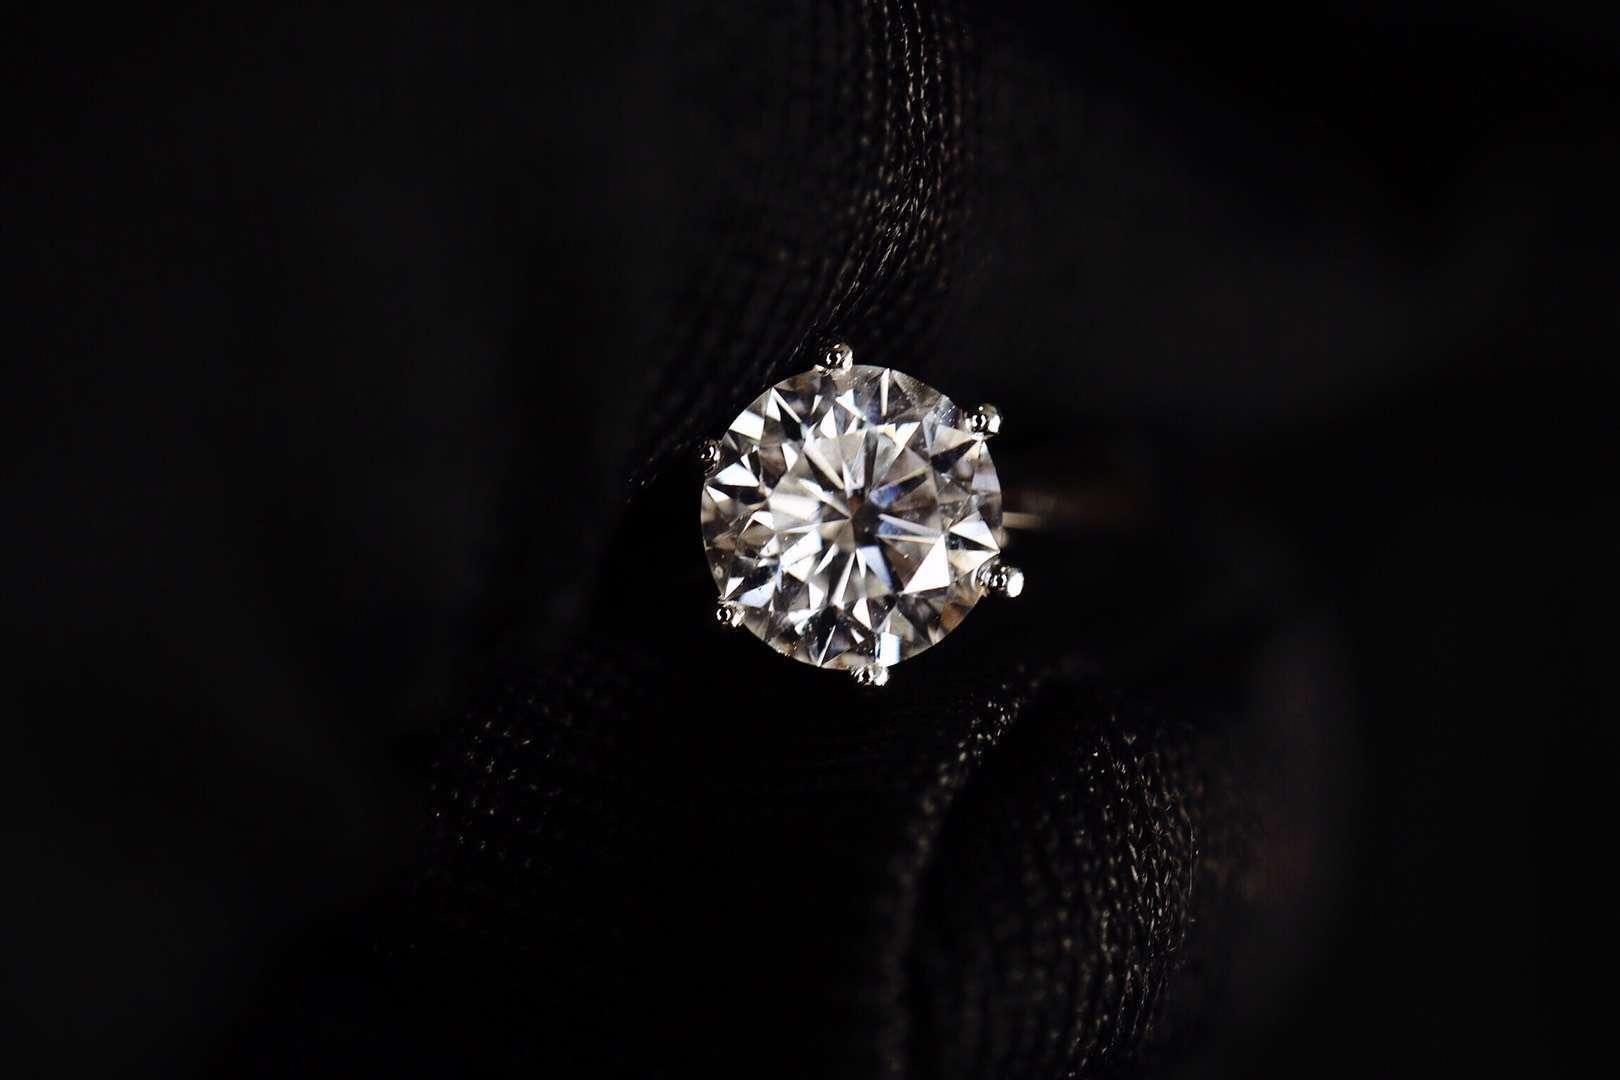 【菩心-钻戒💍】中国好老公,结婚多年,这是在菩心定的第二枚钻戒了-菩心晶舍